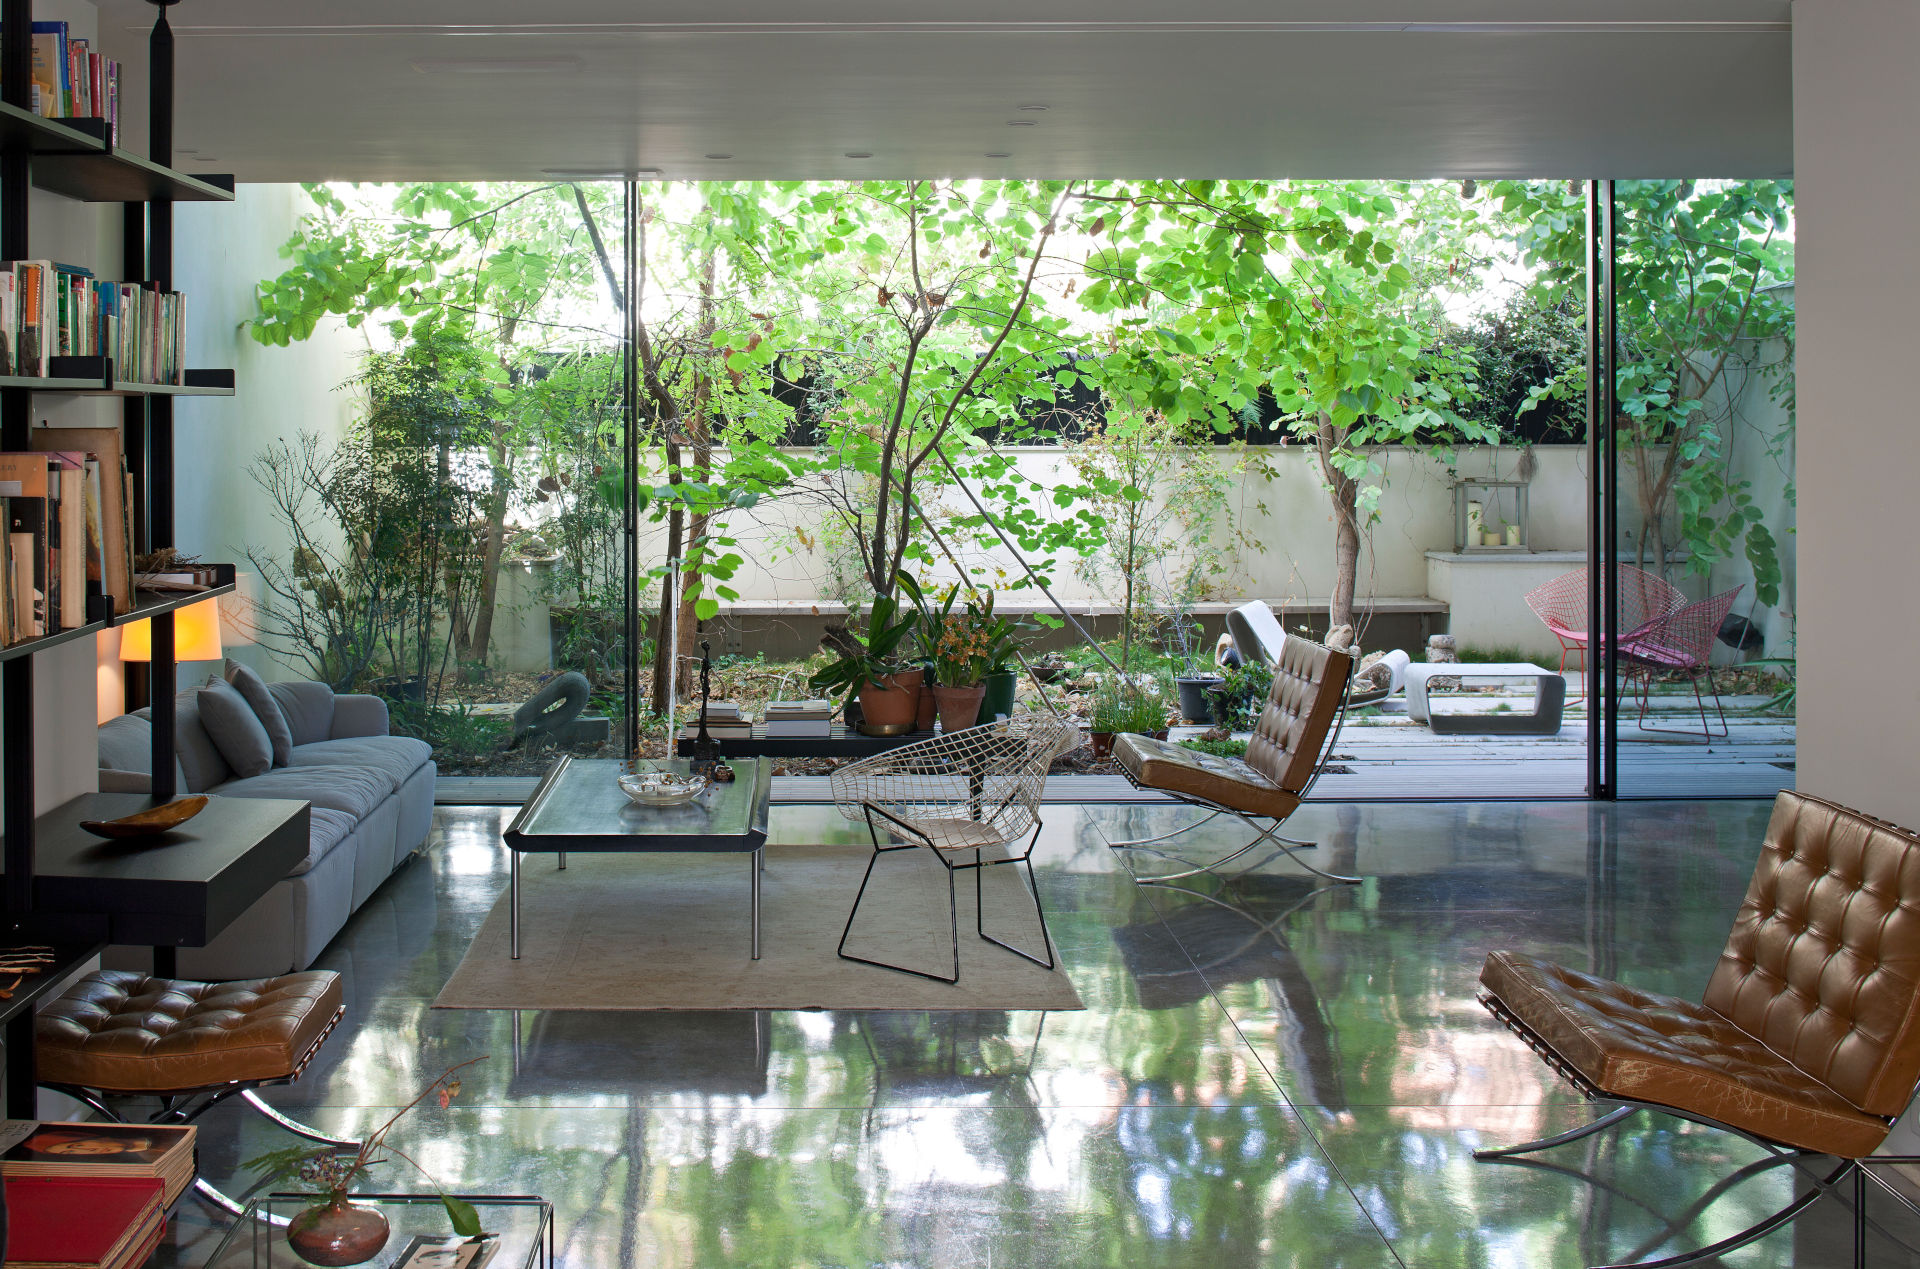 house-in-nature-slim-framed-sliding-glass-doors